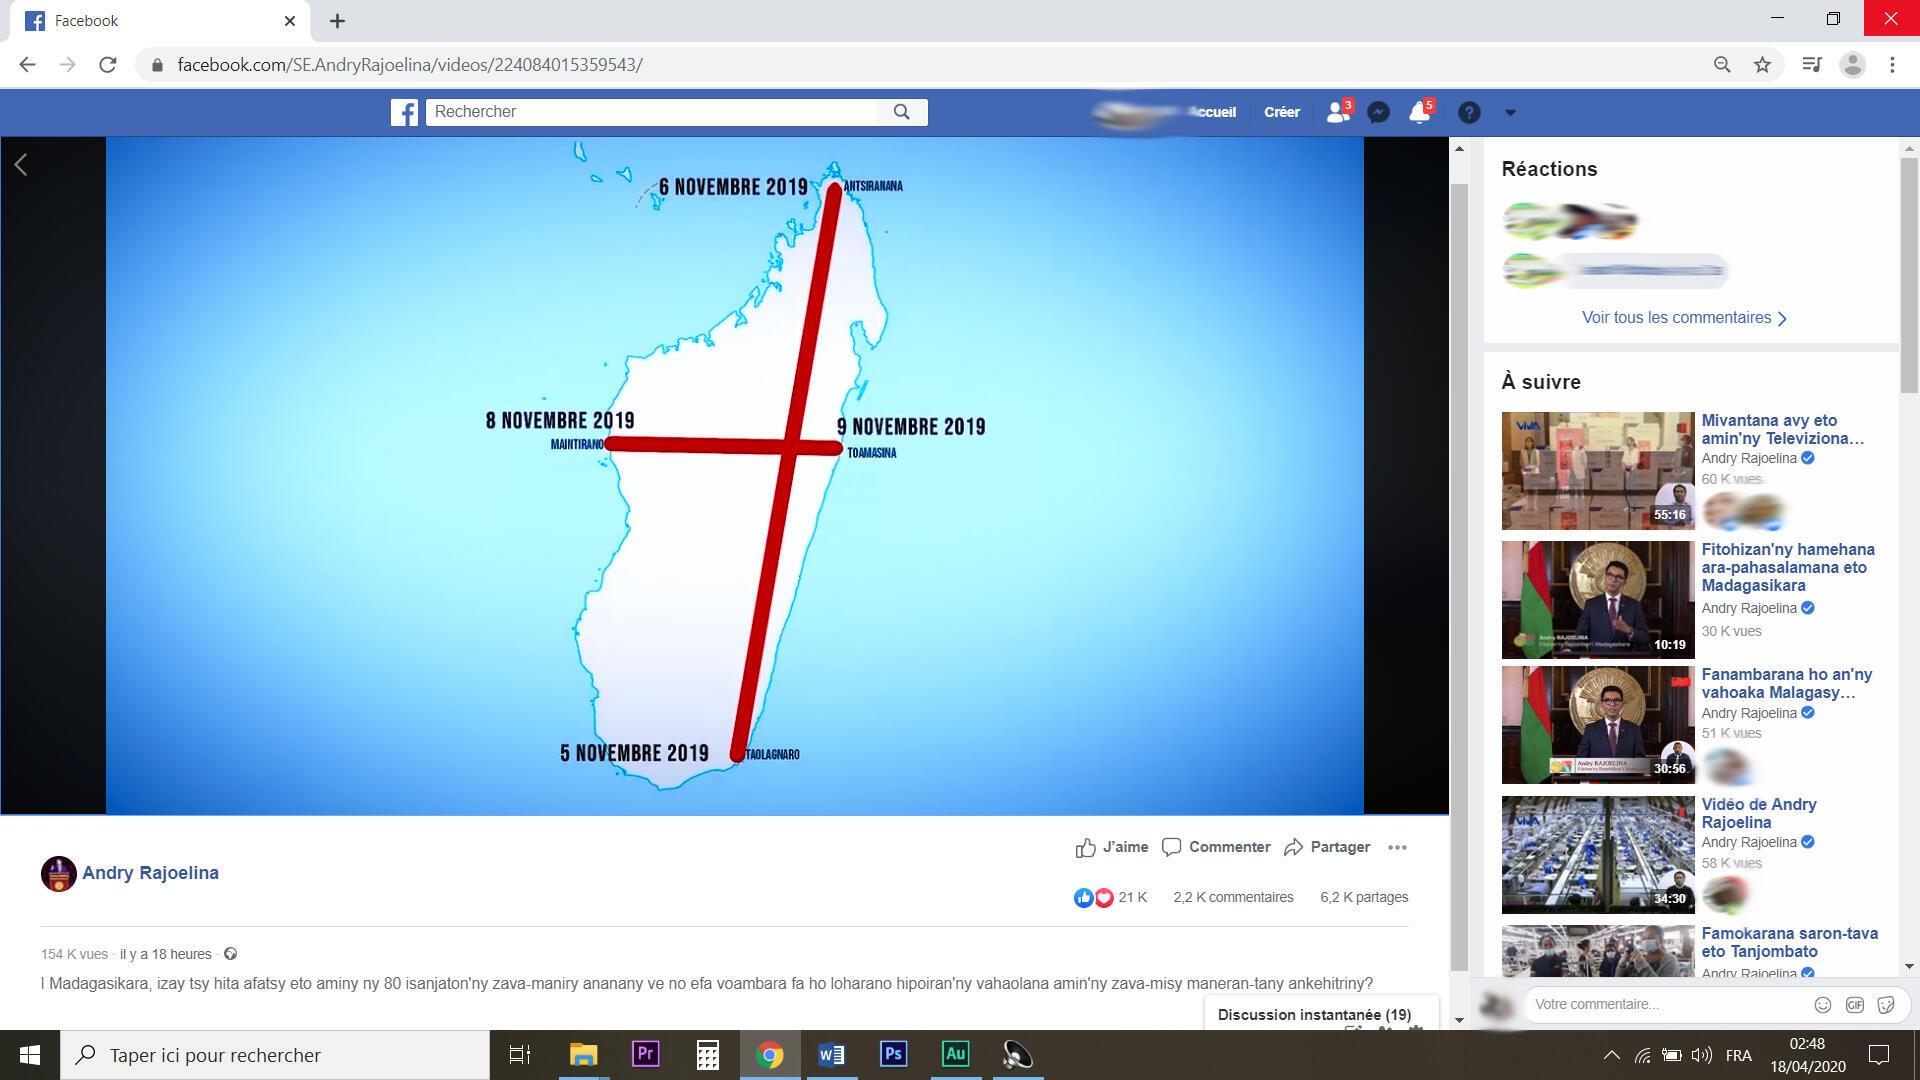 Sur la page facebook officielle du chef de l'Etat, le lien pour visionner le documentaire. A l'image, le trajet que la Brésilienne aurait réalisé : un survol de Madagascar en forme de Croix, pour bénir l'île.